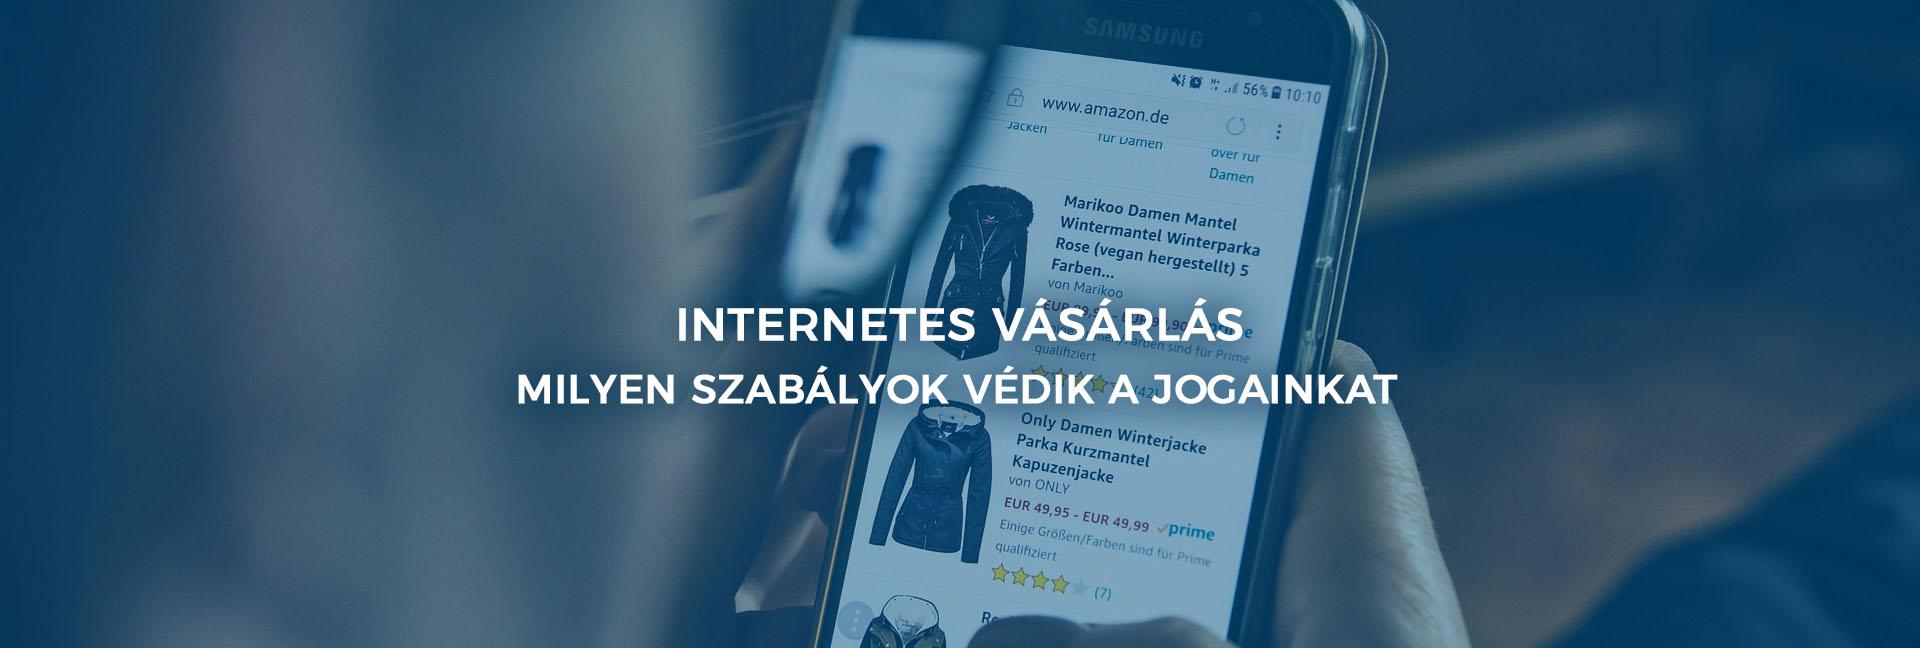 ce9e425e6 Internetes vásárlás – milyen szabályok védik a jogainkat   drujvary.hu